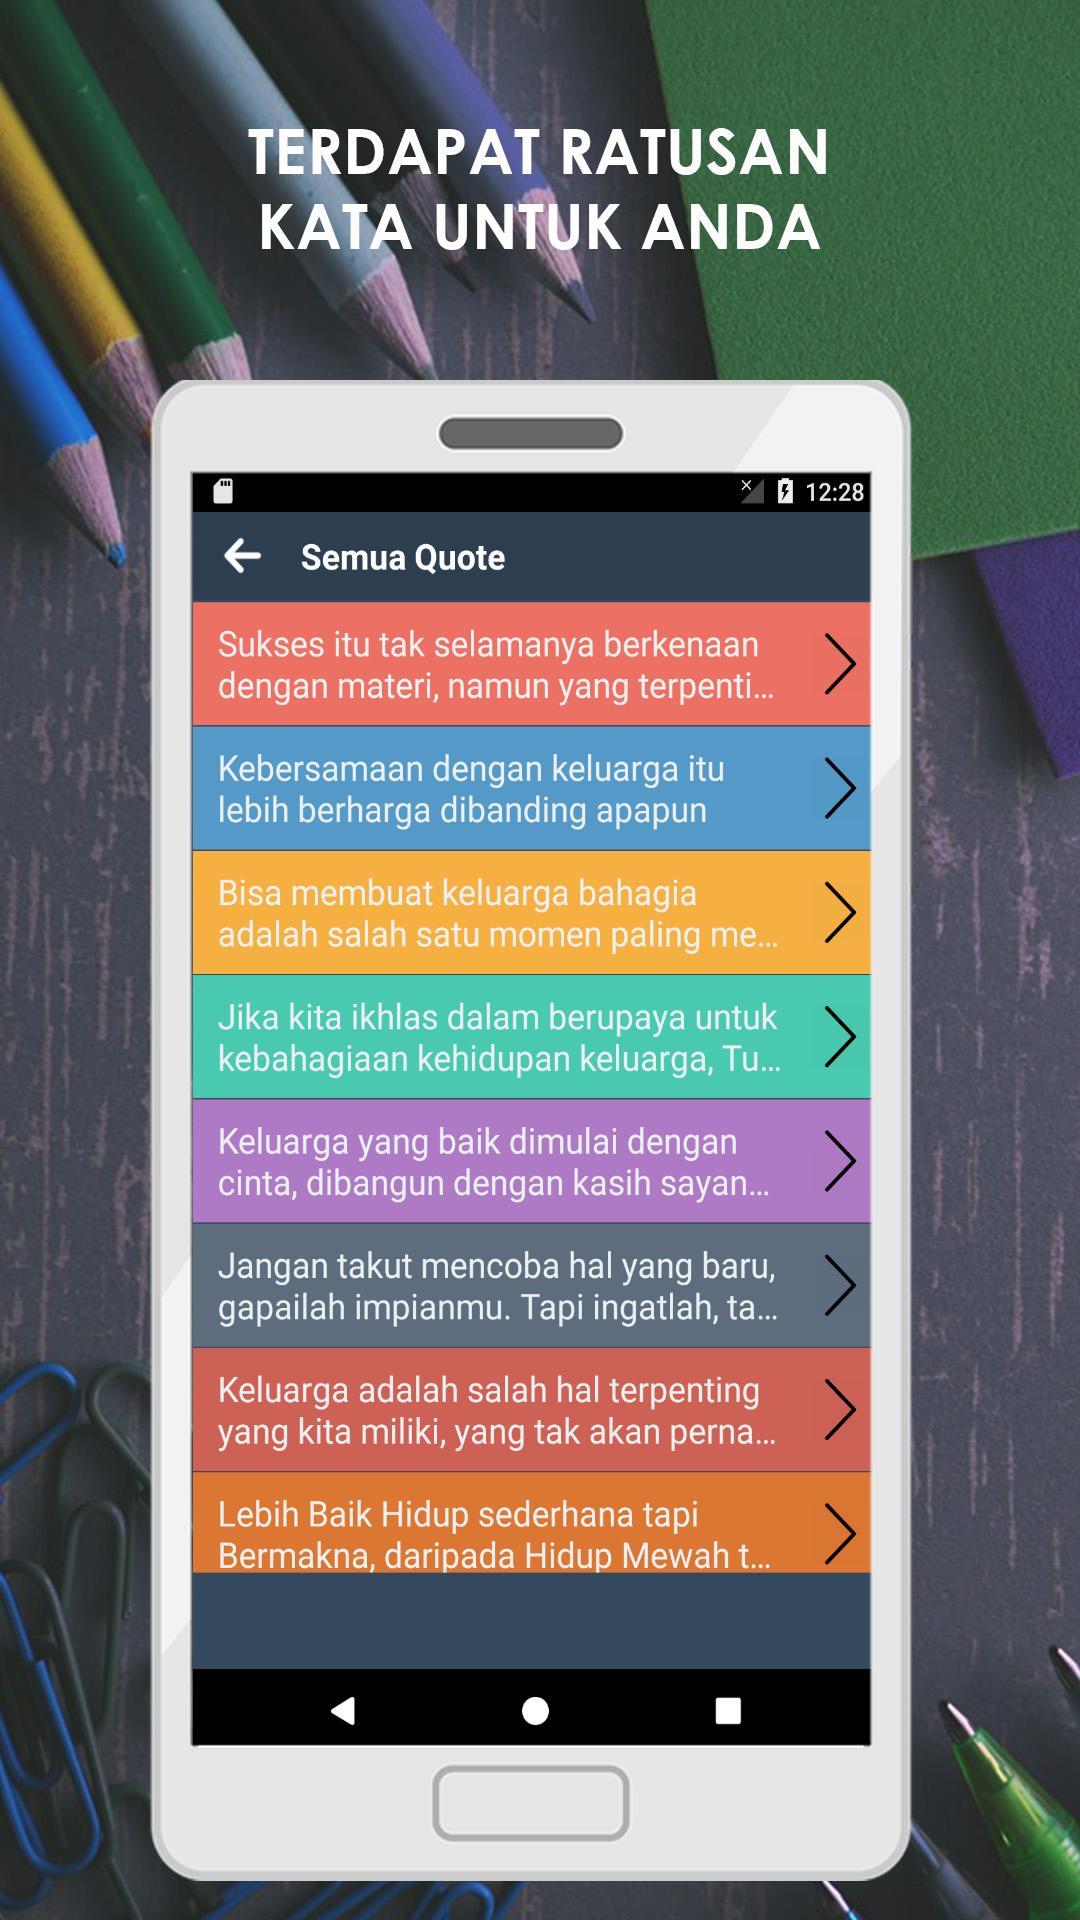 Kata Kata Mutiara Tentang Keluarga For Android Apk Download